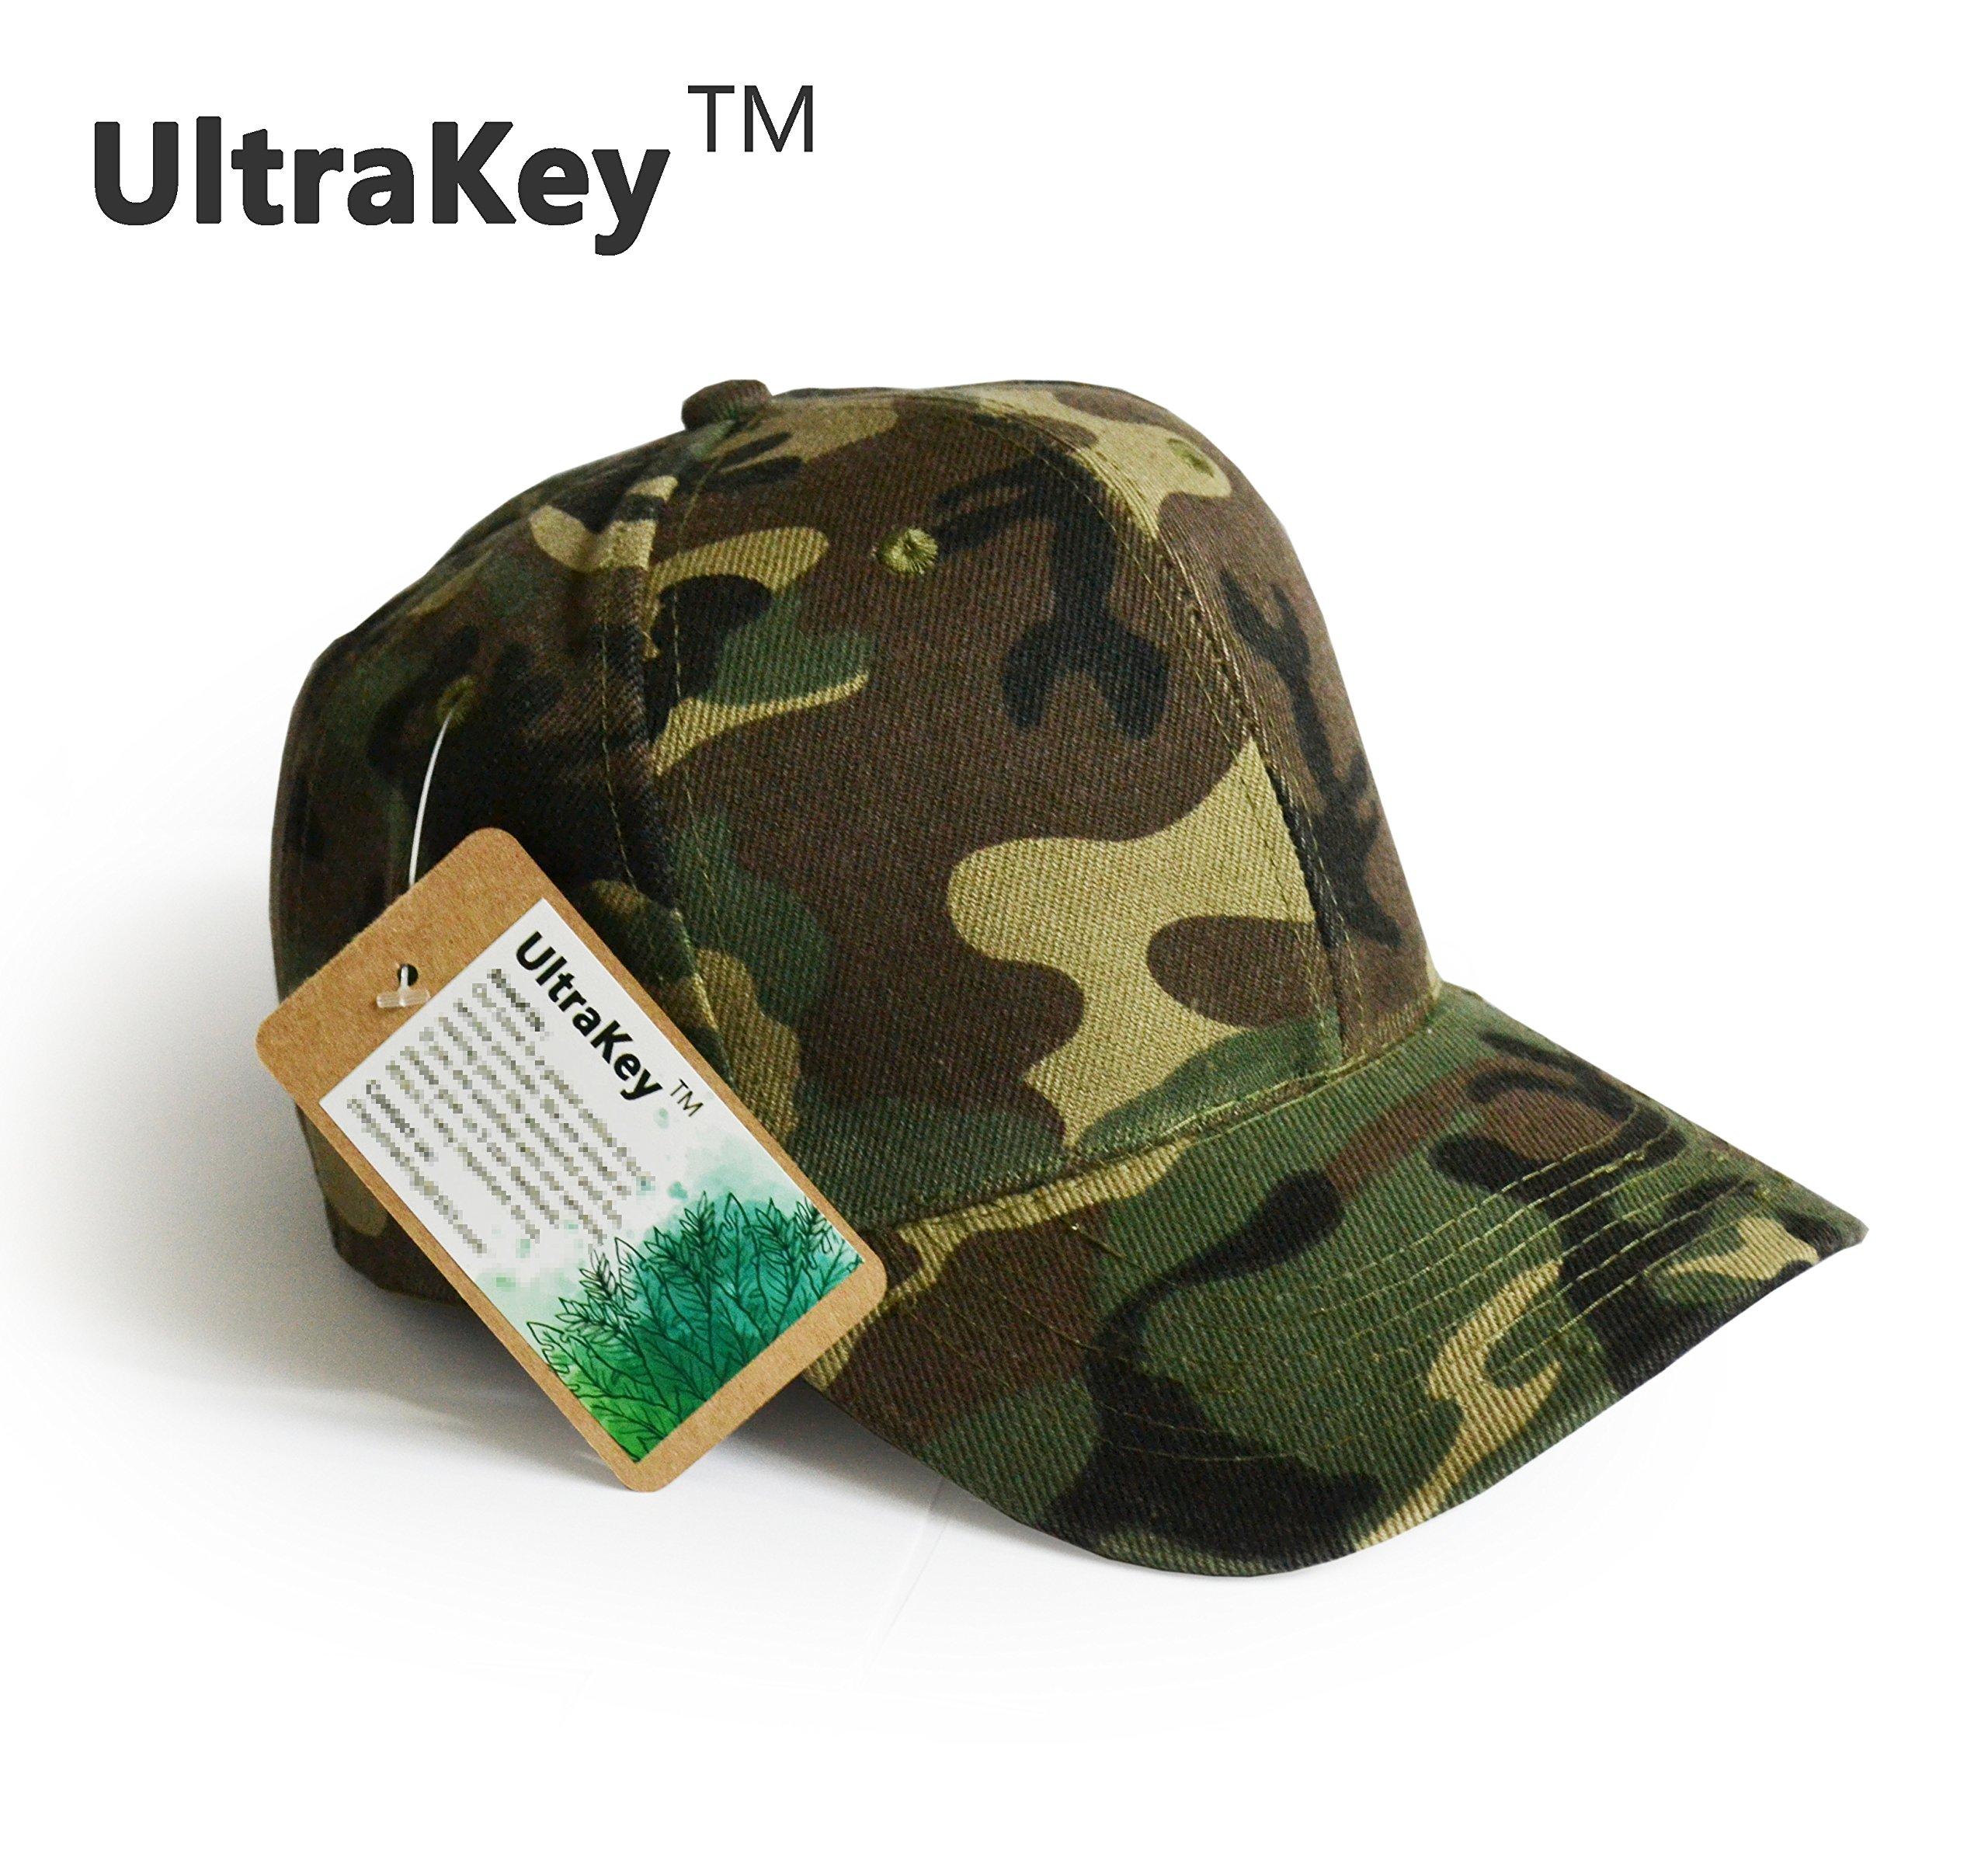 af806d60775 Amazon.com  UltraKey